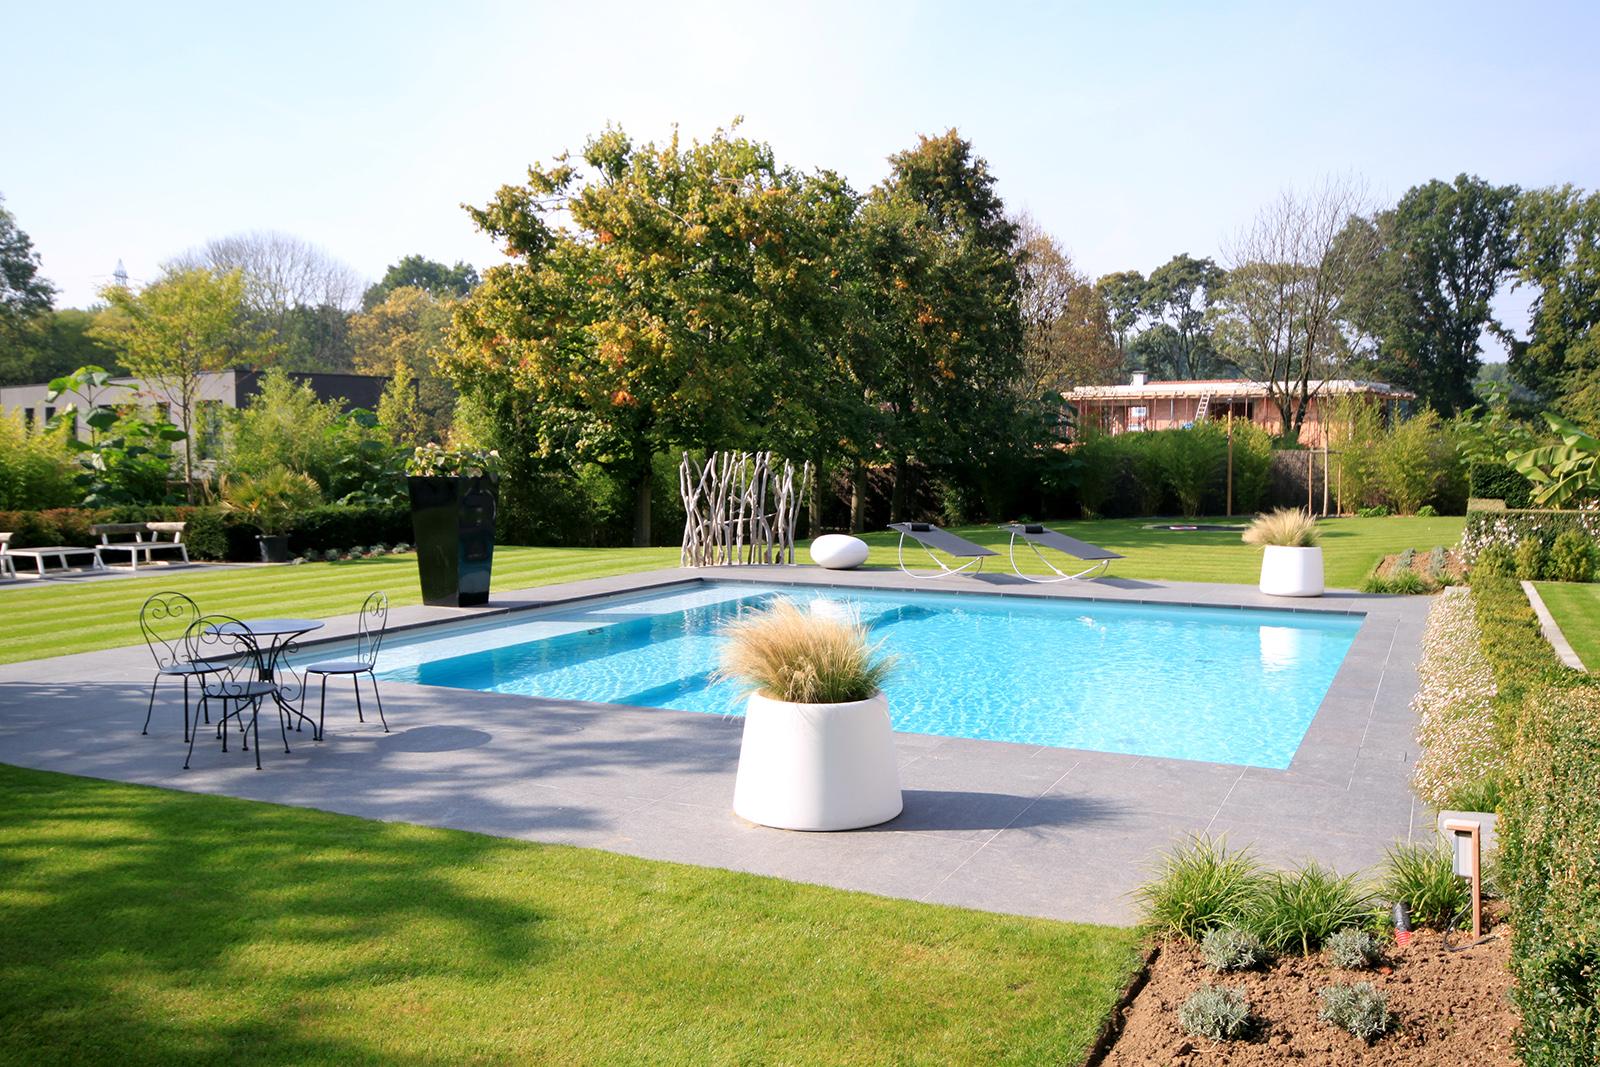 grande piscine extérieure carrée